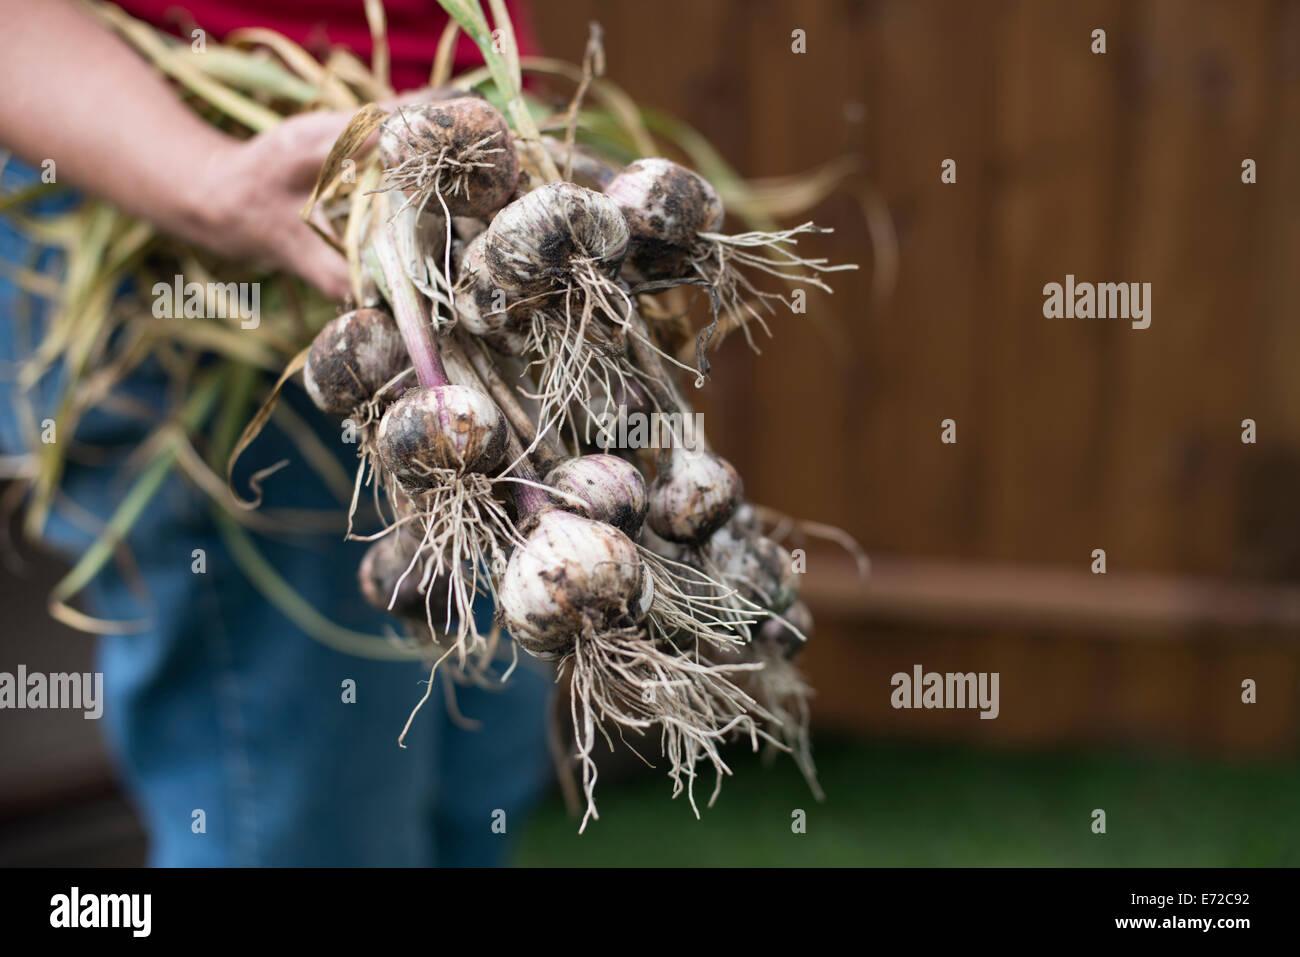 Bunch of freshly picked garlic held in the gardener's hand Stock Photo